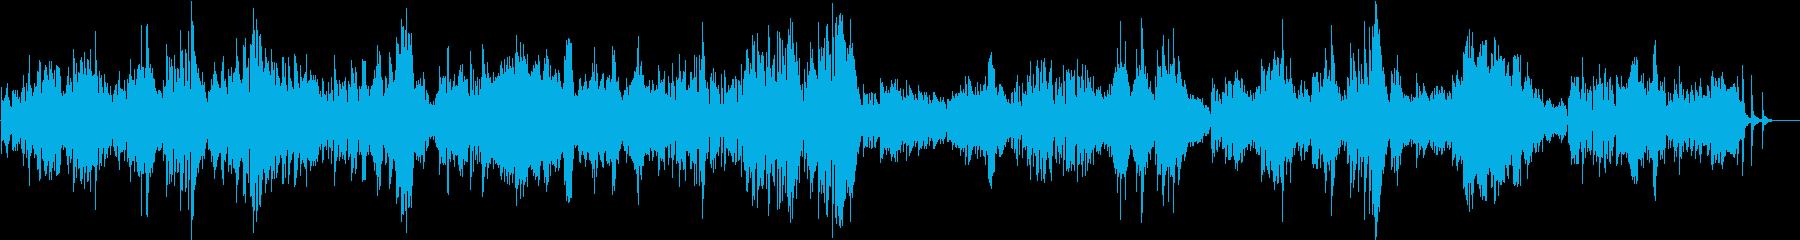 ドビュッシー ベルガマスク組曲 パスピエの再生済みの波形